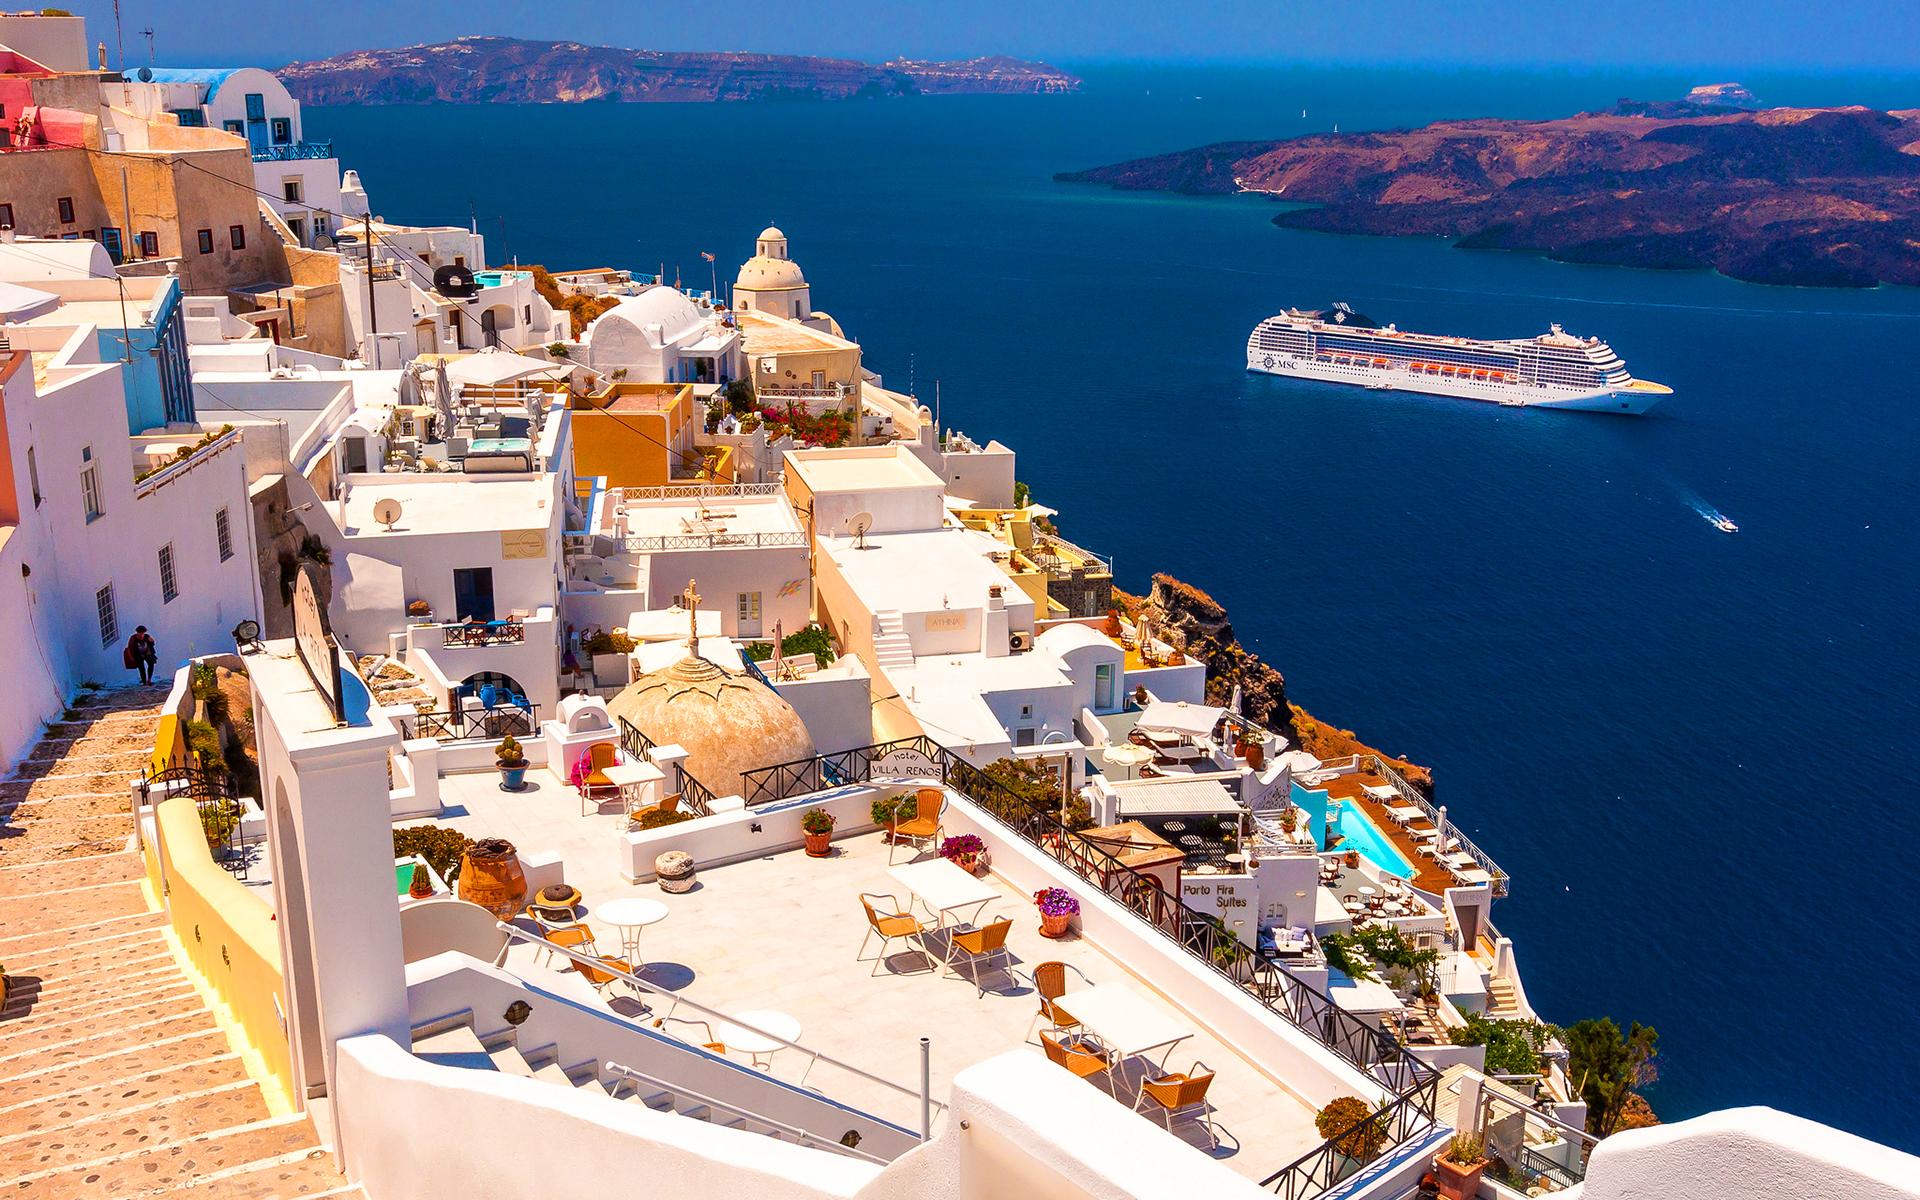 Santorini cruising ship